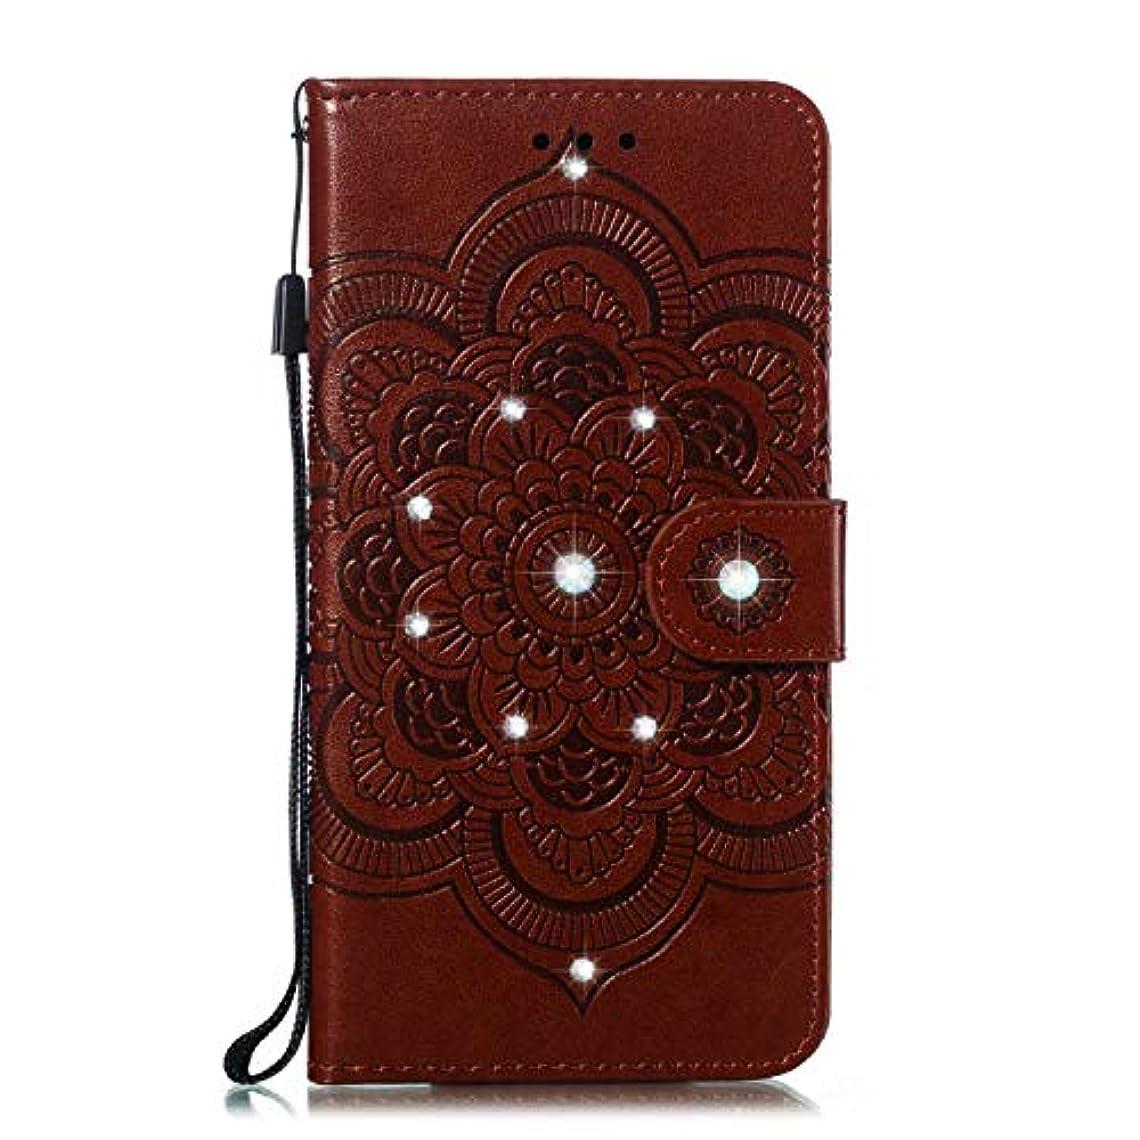 真実とてもプットOMATENTI Huawei Honor 10 ケース 手帳型 かわいい レディース用 合皮PUレザー 財布型 保護ケース ザー カード収納 スタンド 機能 マグネット 人気 高品質 ダイヤモンドの輝き マンダラのエンボス加工 ケース, 褐色